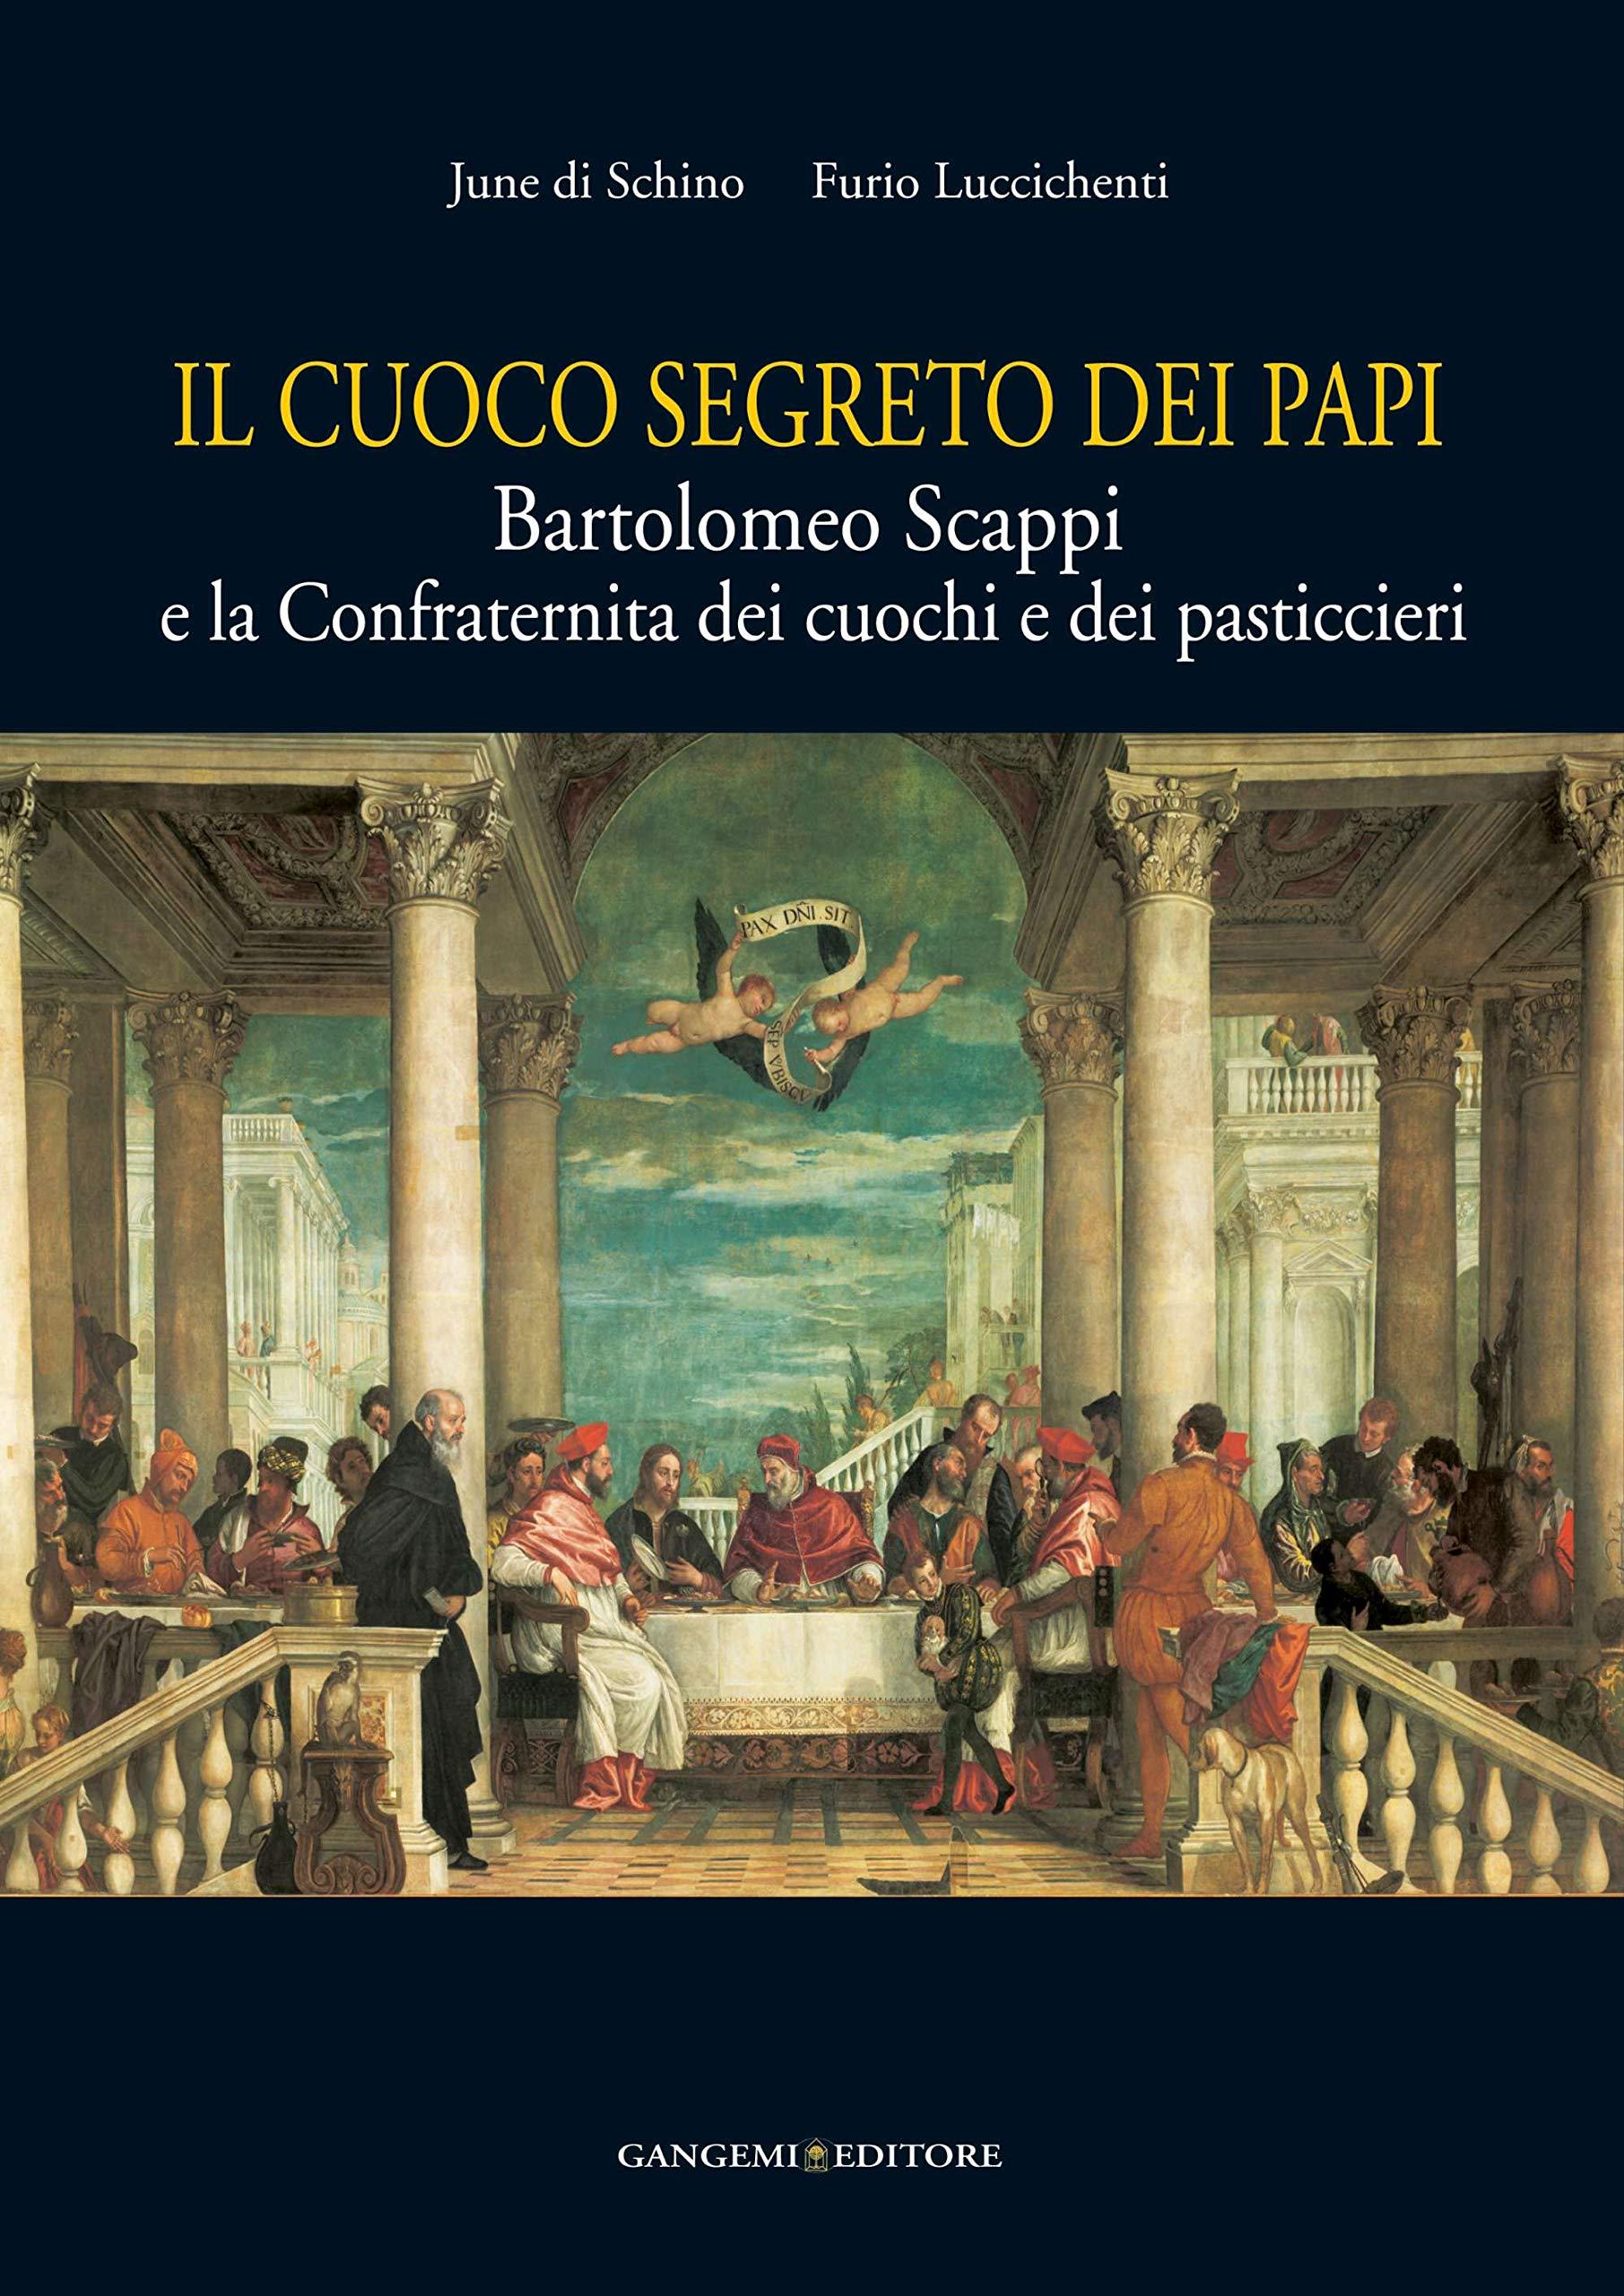 Download Il Cuoco Segreto Dei Papi: Bartolomeo Scappi E La Confraternita Dei Cuochi E Dei Pasticcieri (German and Italian Edition) PDF